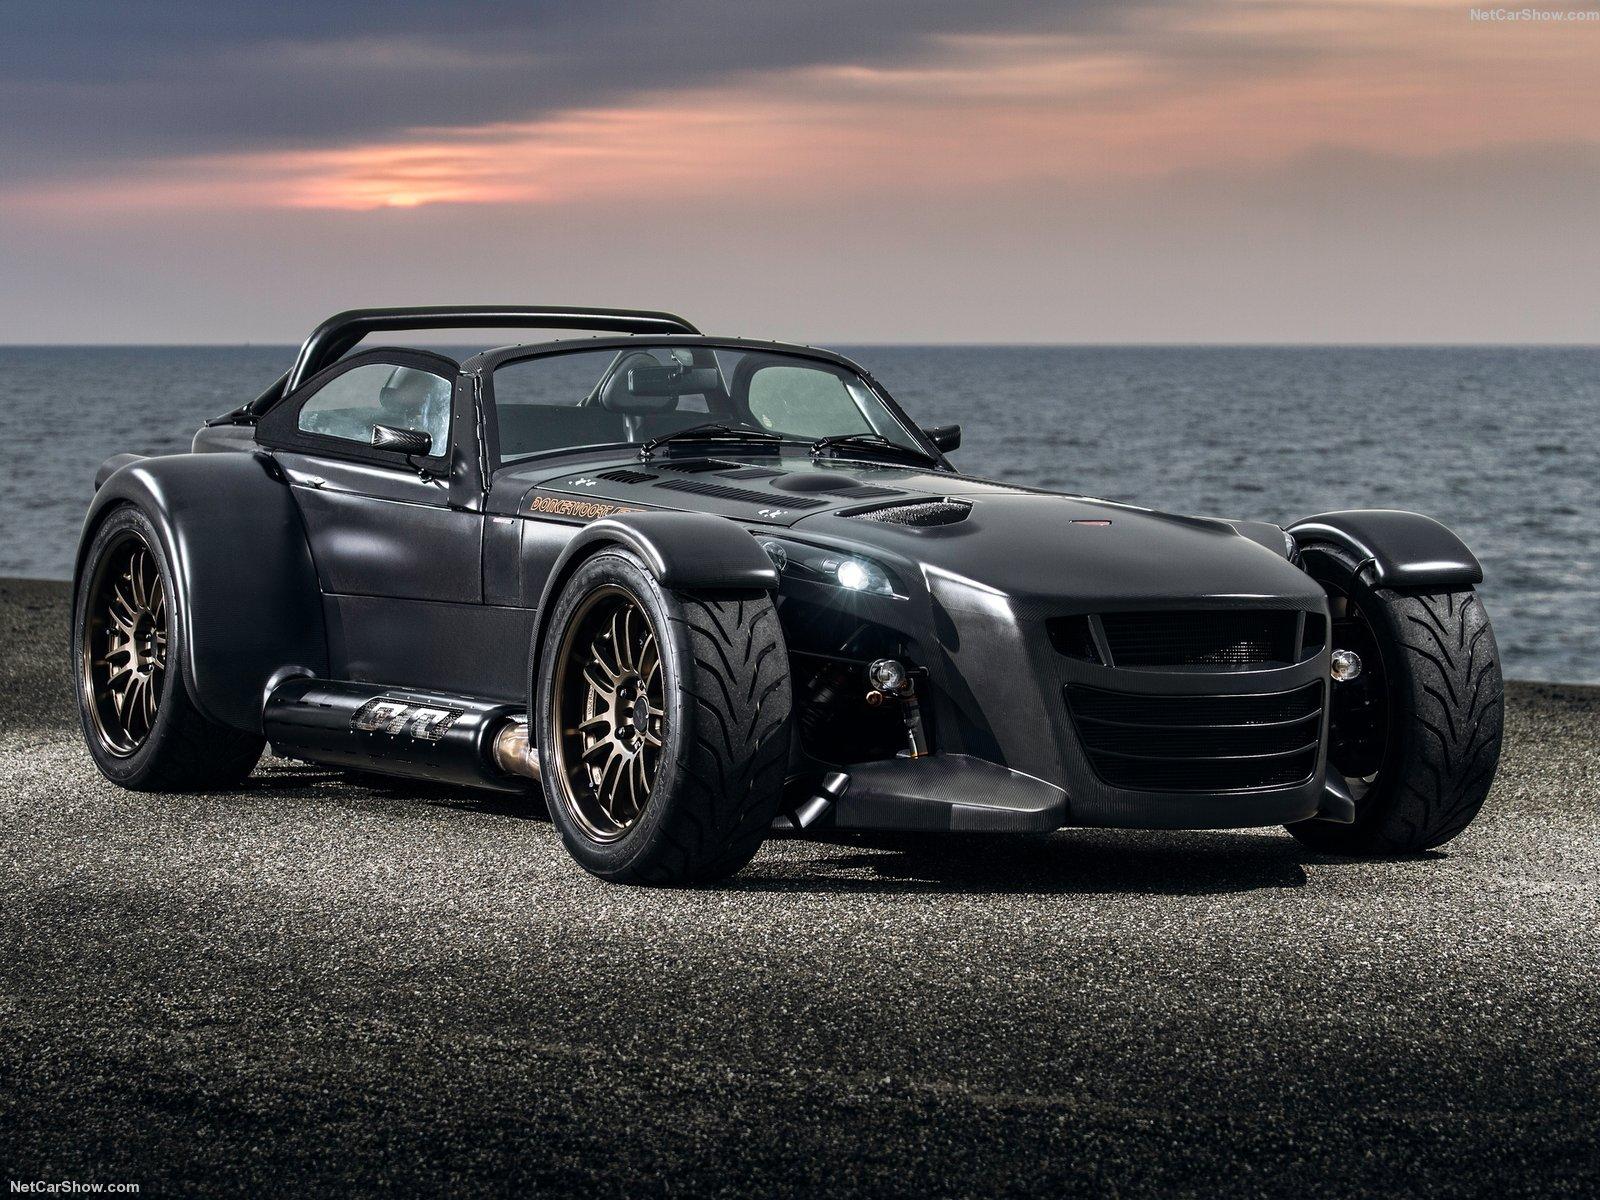 Hình ảnh xe ô tô Donkervoort D8 GTO Bare Naked Carbon Edition 2015 & nội ngoại thất